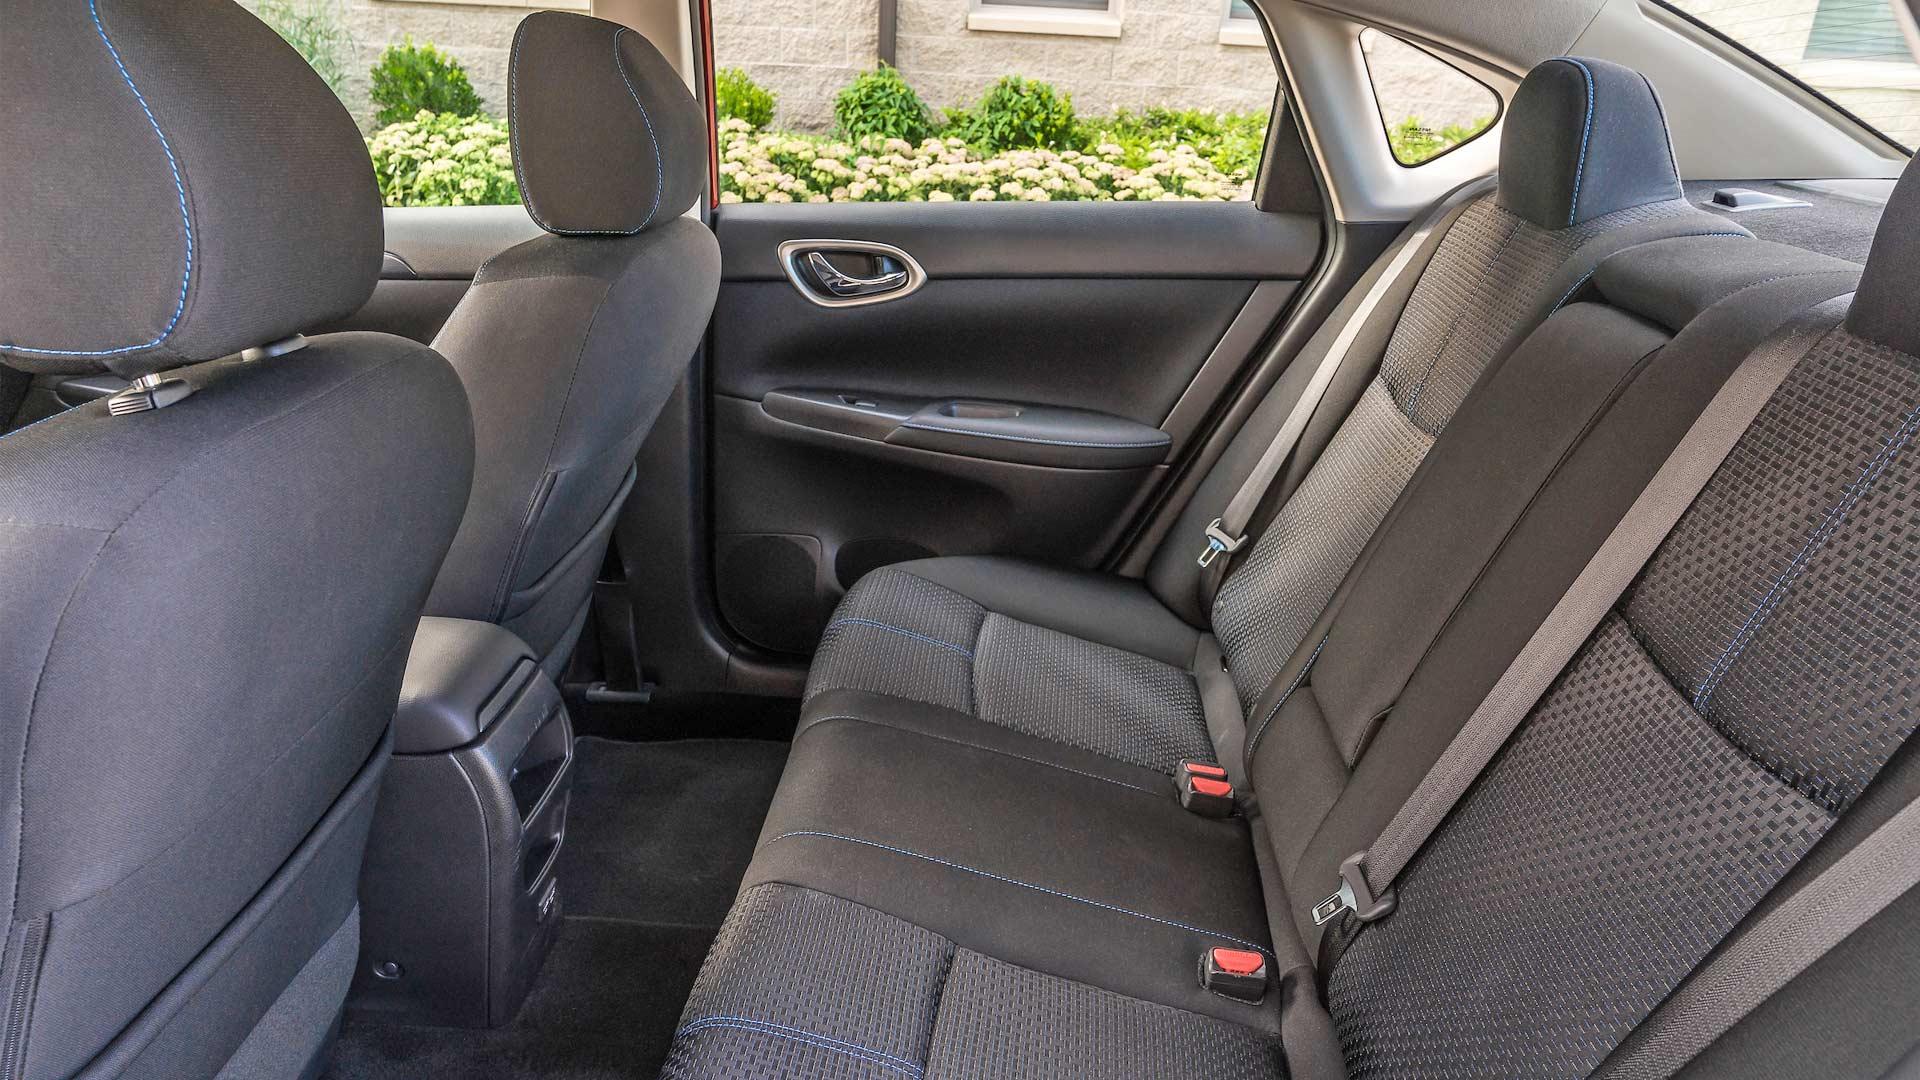 2019 Nissan Sentra SR Turbo interior